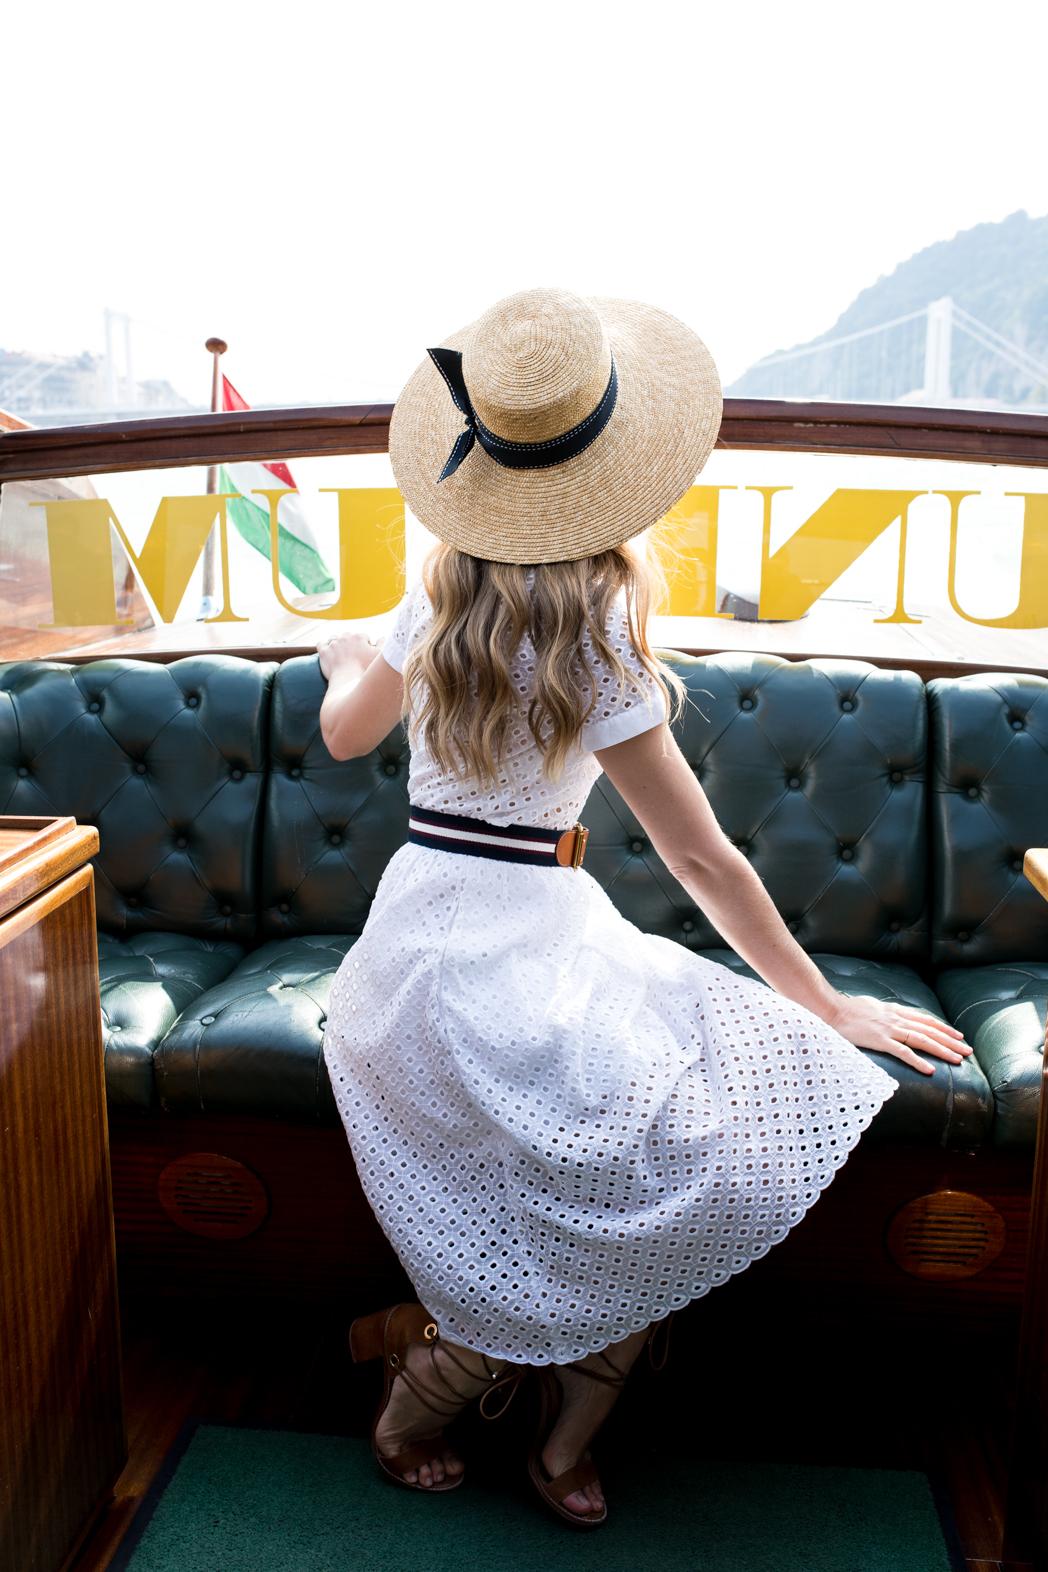 Stacie Flinner Top 10 Things Budapest-51.jpg